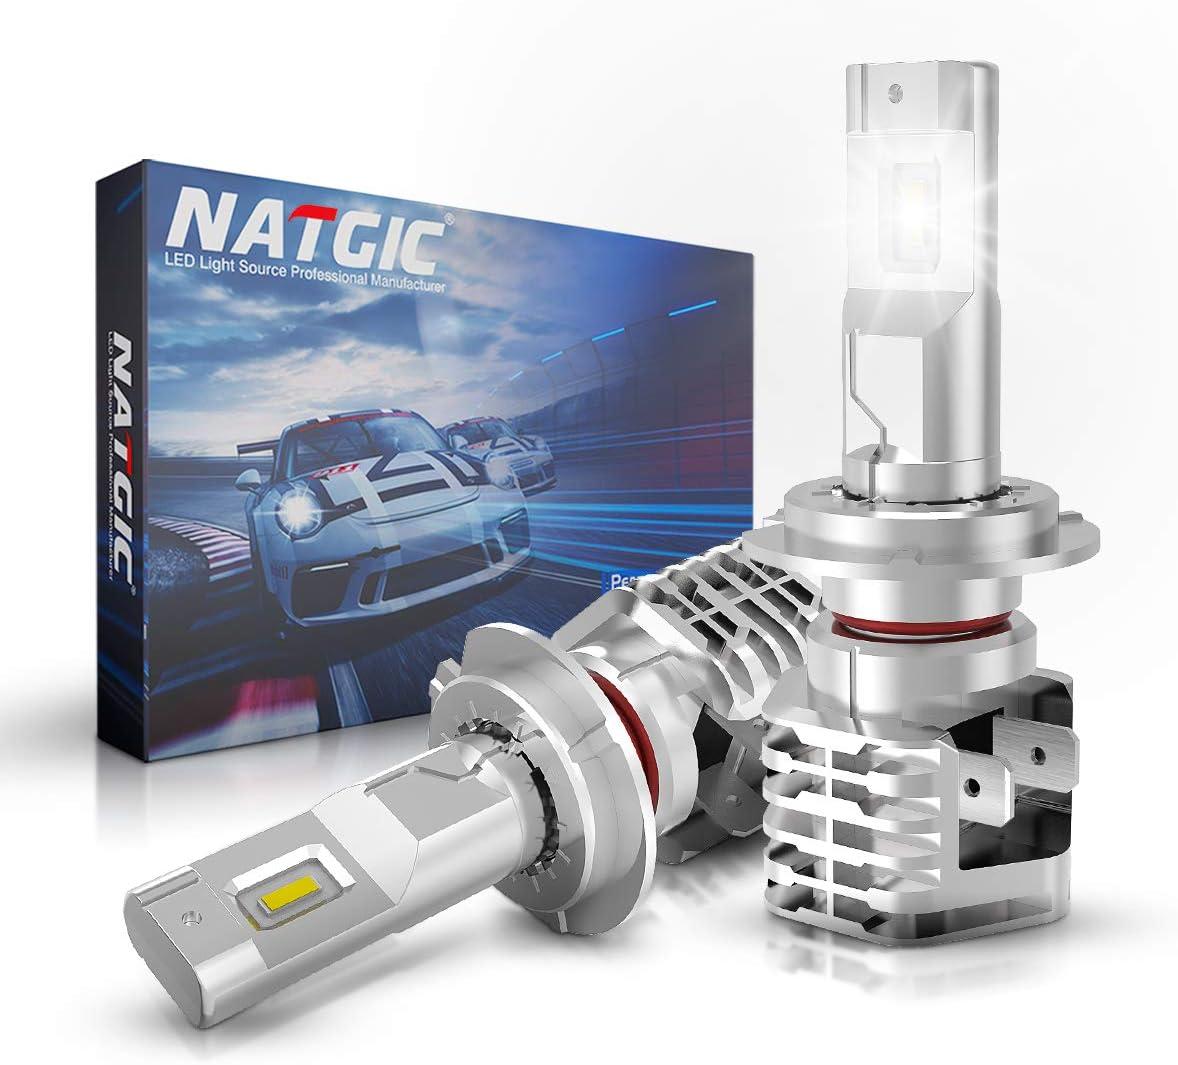 32V Pack de 2 Garantie 2 Ans NATGIC H7 Ampoules Antibrouillard /à LED Hight Power 55W Puces CSP Super Lumineuses pour Feu de Circulation Diurne 3200LM et 6500K Blanc X/énon DC 9V